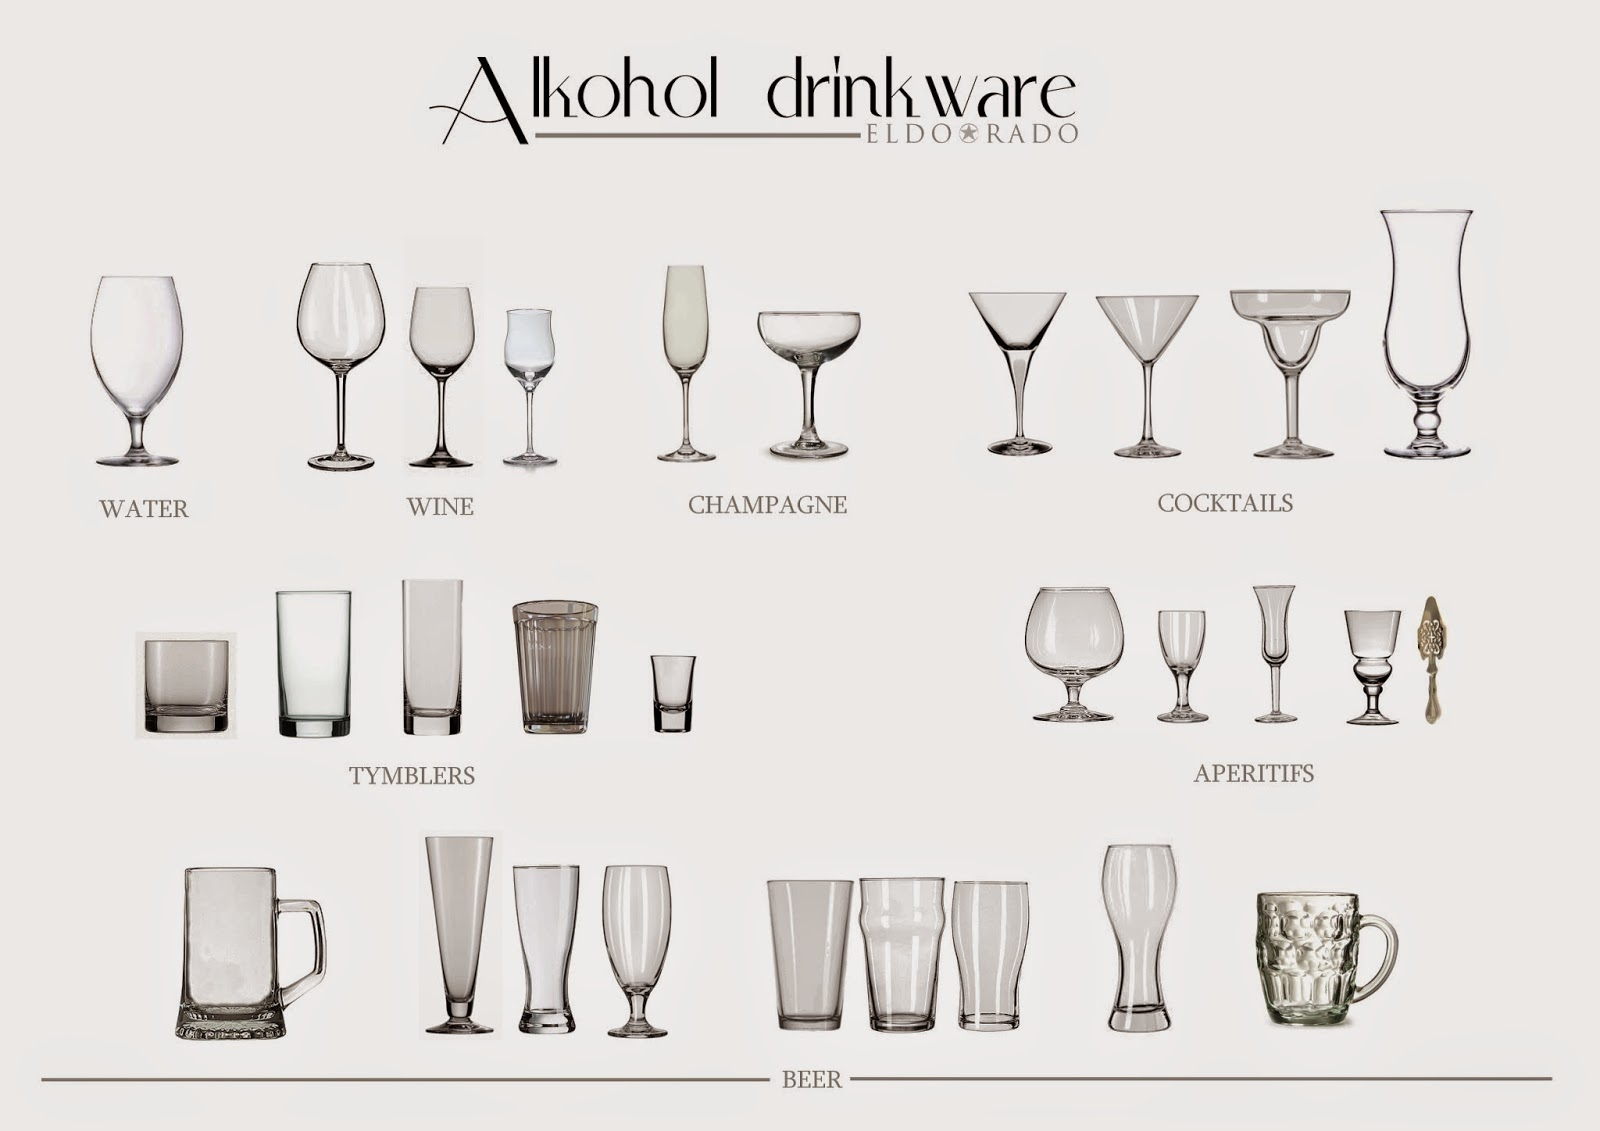 Etiquette Guide For Glassware